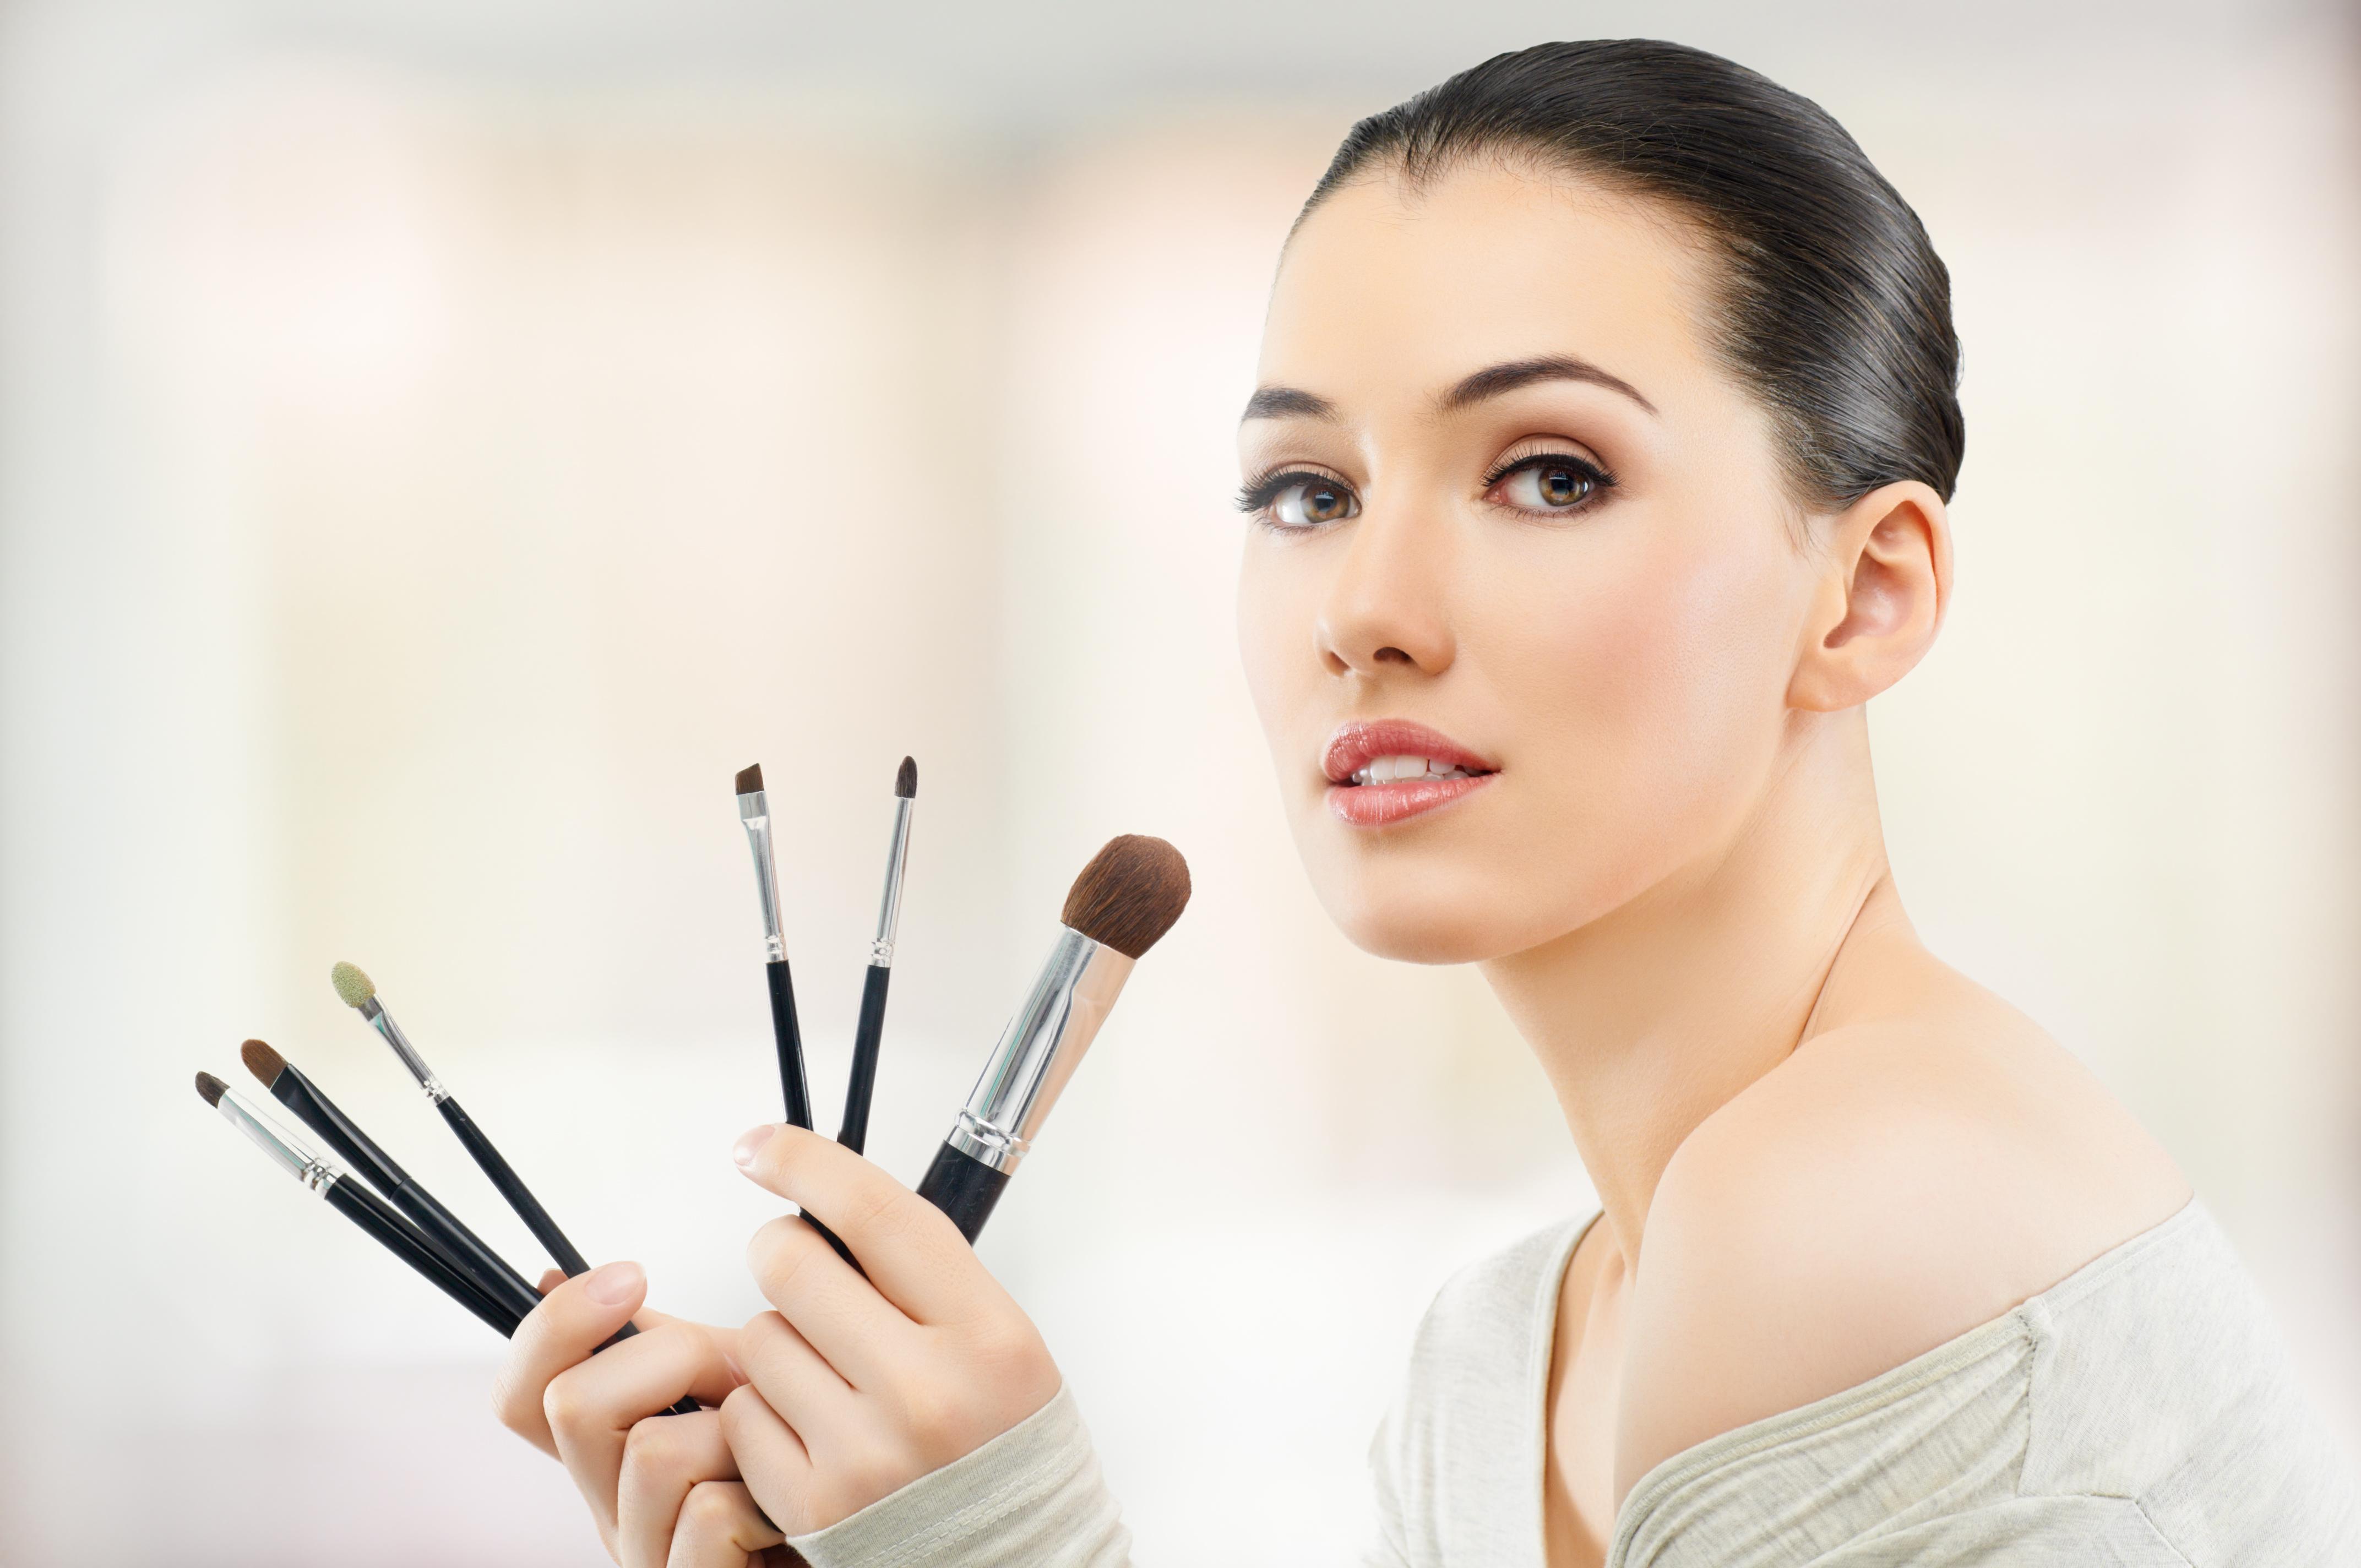 интересные картинки про макияж было дано благословение